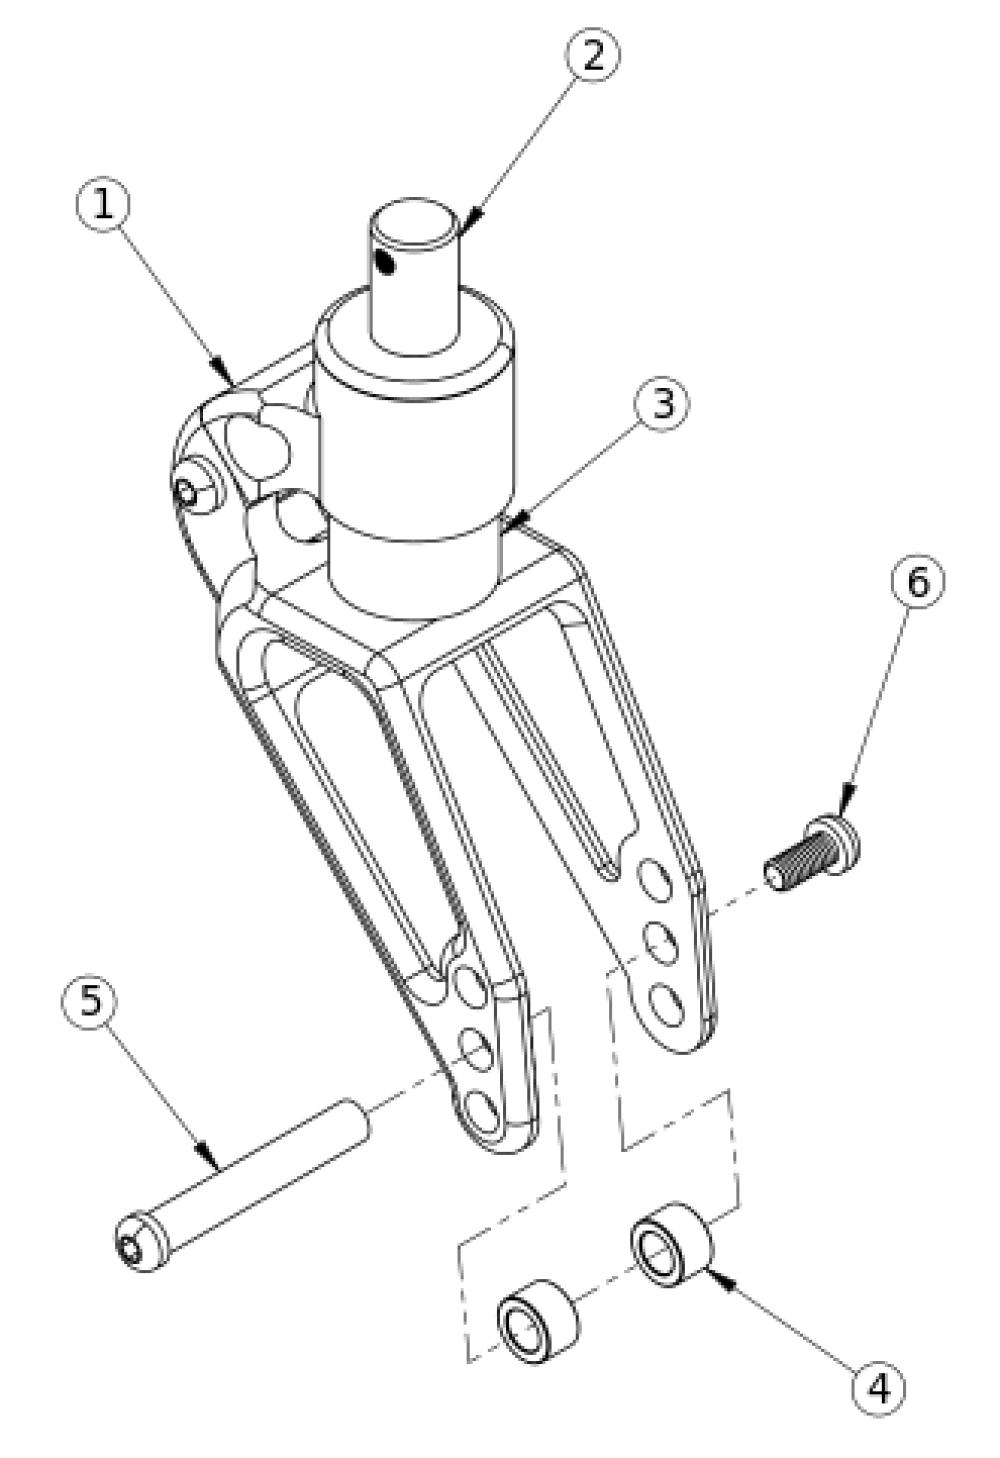 Rogue / Clik / Ethos Frog Legs Suspension Fork (ultra-sport Fork) parts diagram